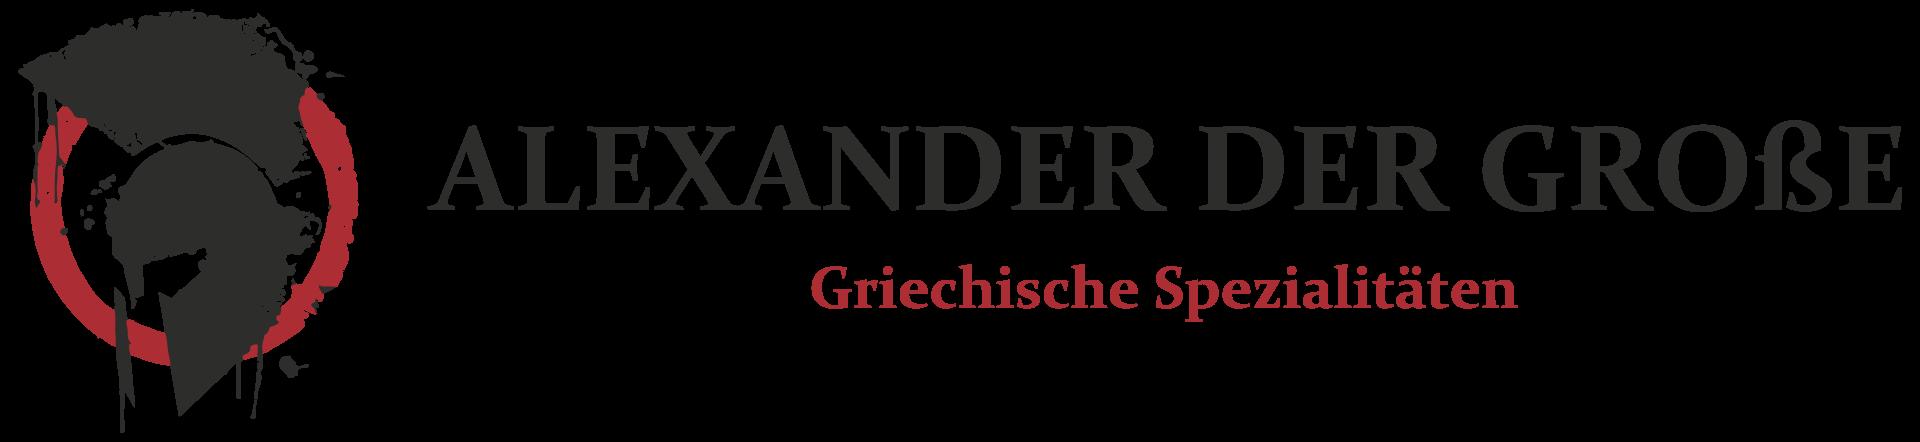 Griechische Spezialitäten - Alexander der Große - Bad Meinberg